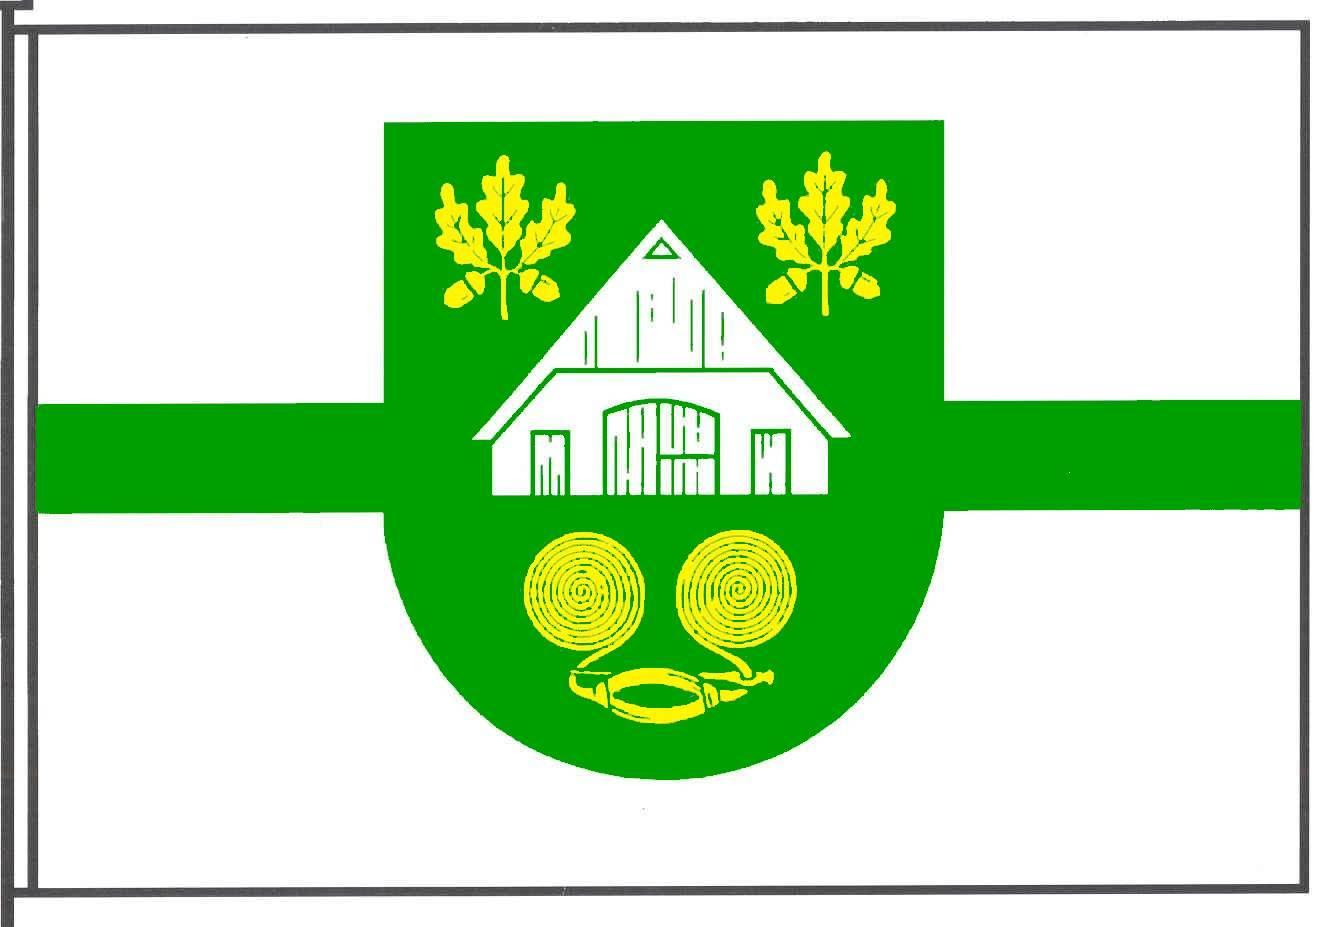 Flagge GemeindeWitzhave, Kreis Stormarn